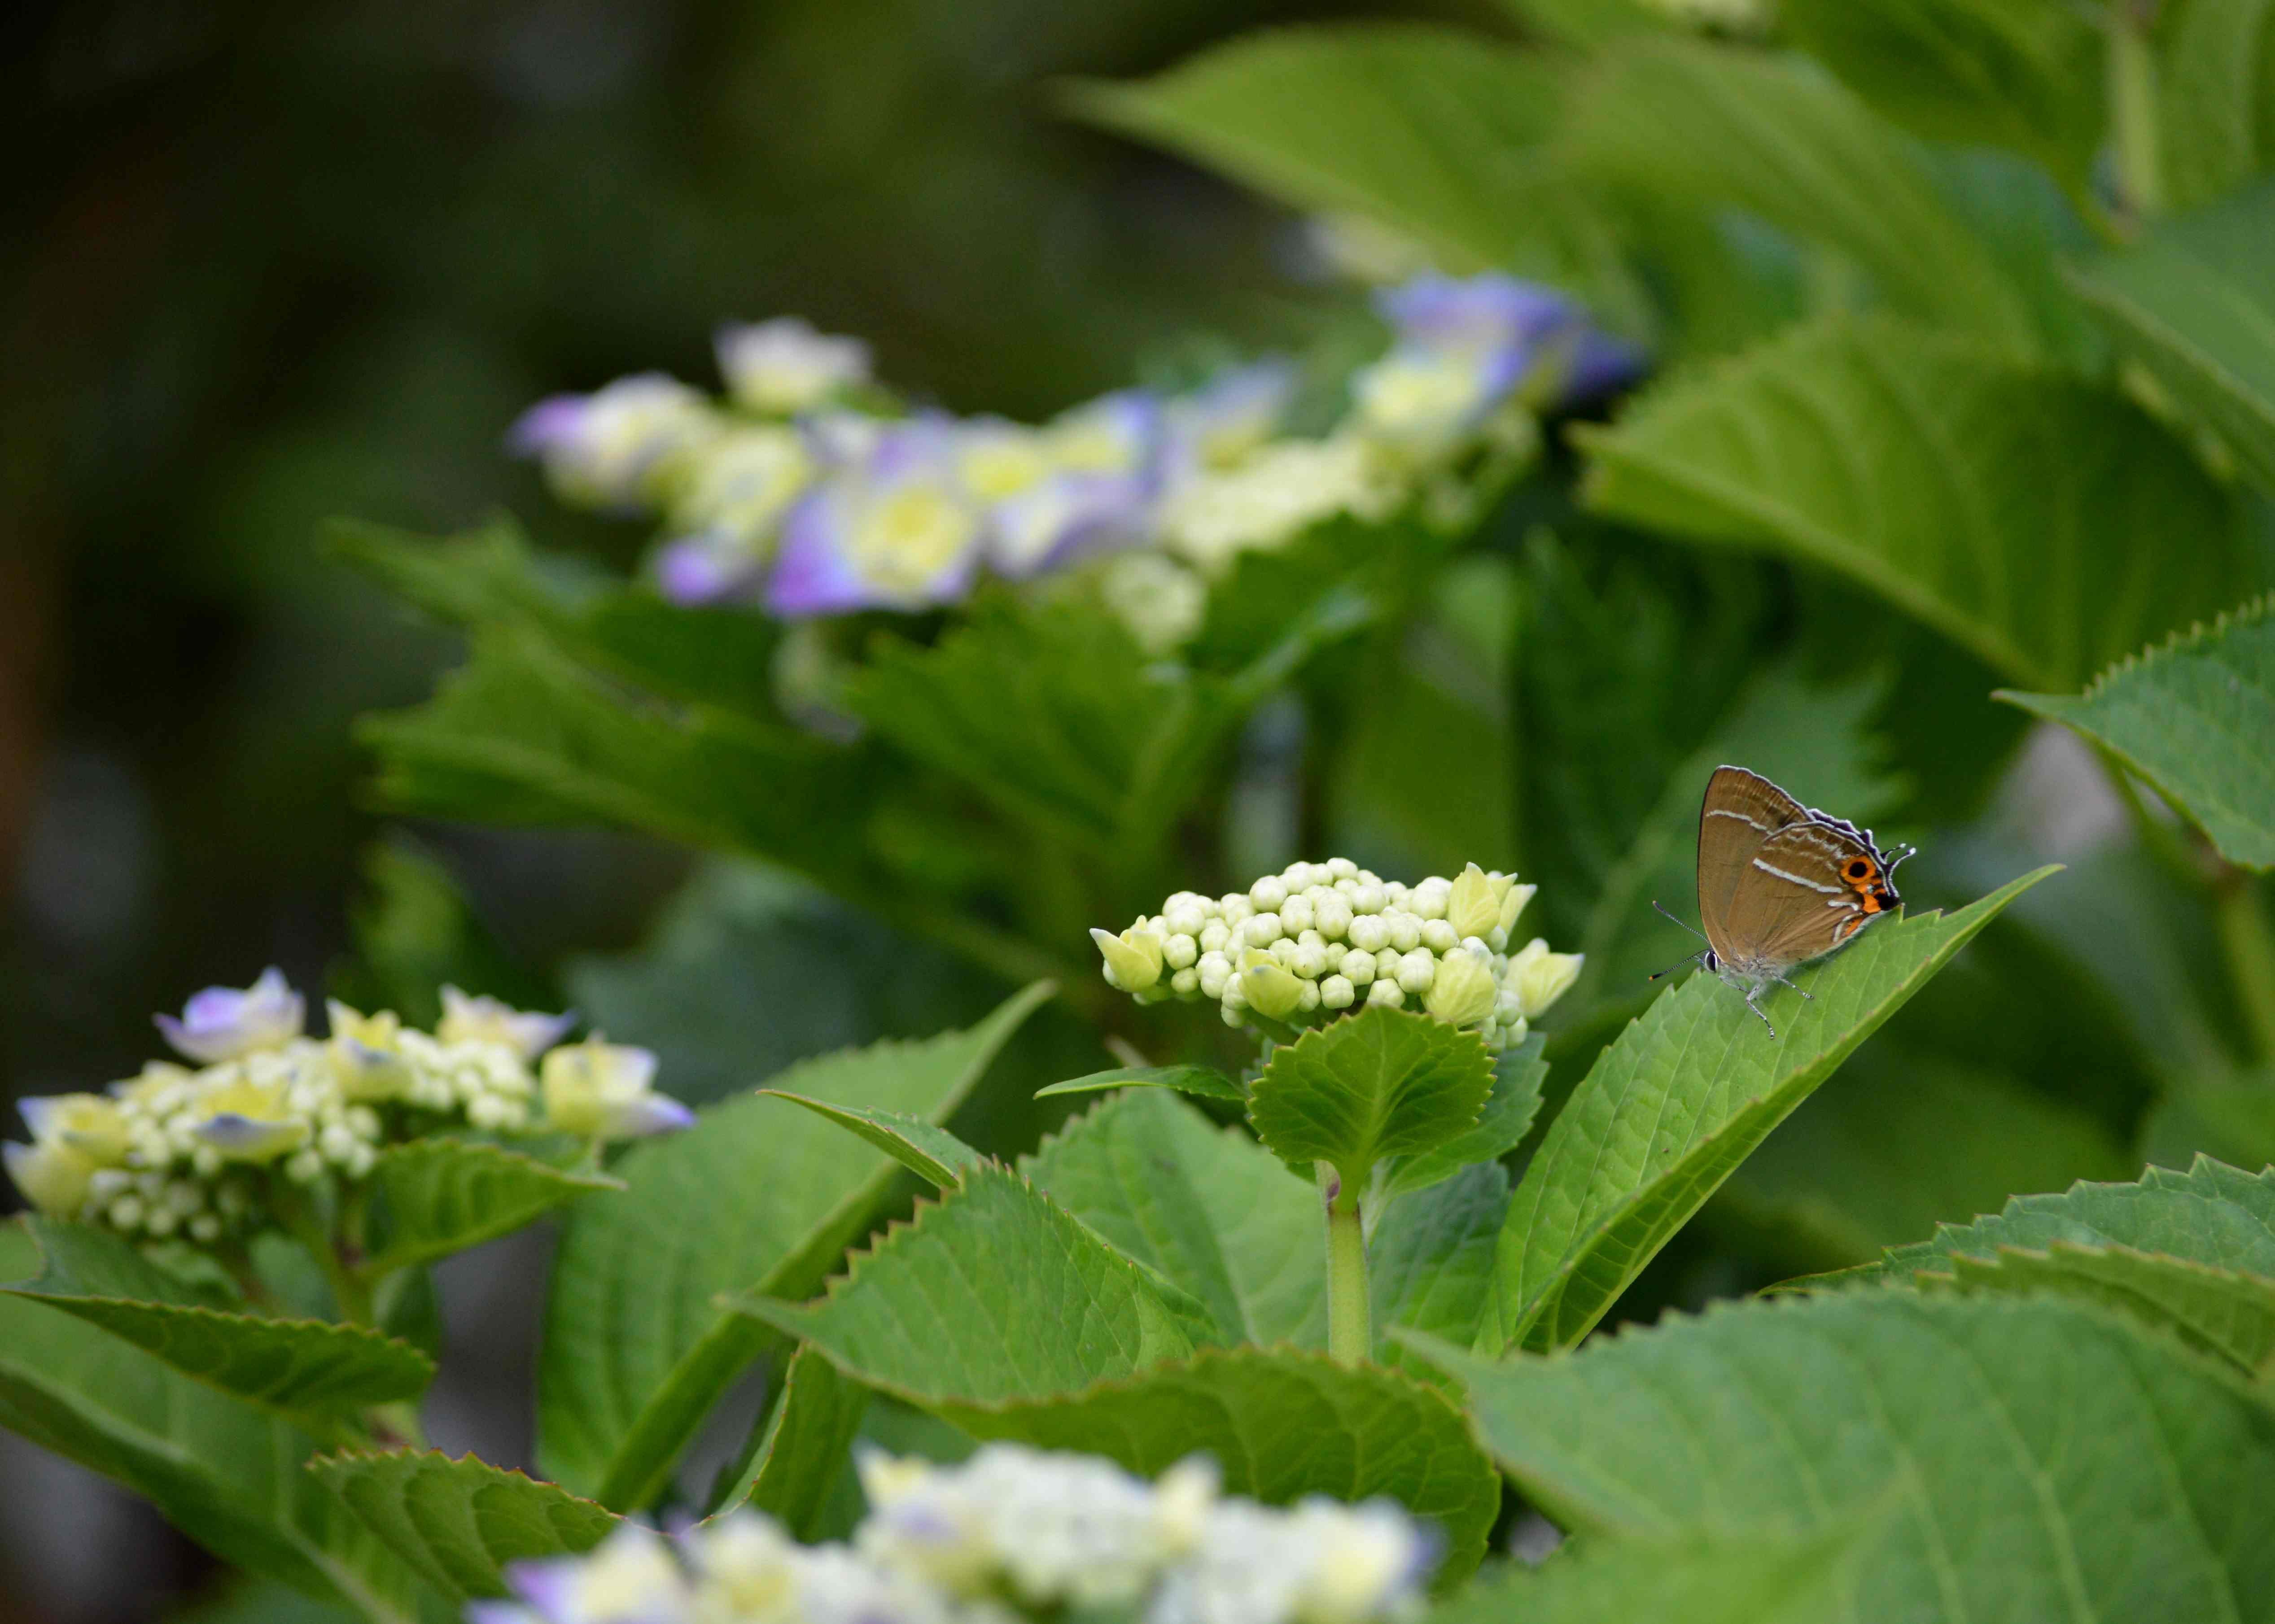 ミドリシジミ 6月2日朝の庭にて_d0254540_2065561.jpg